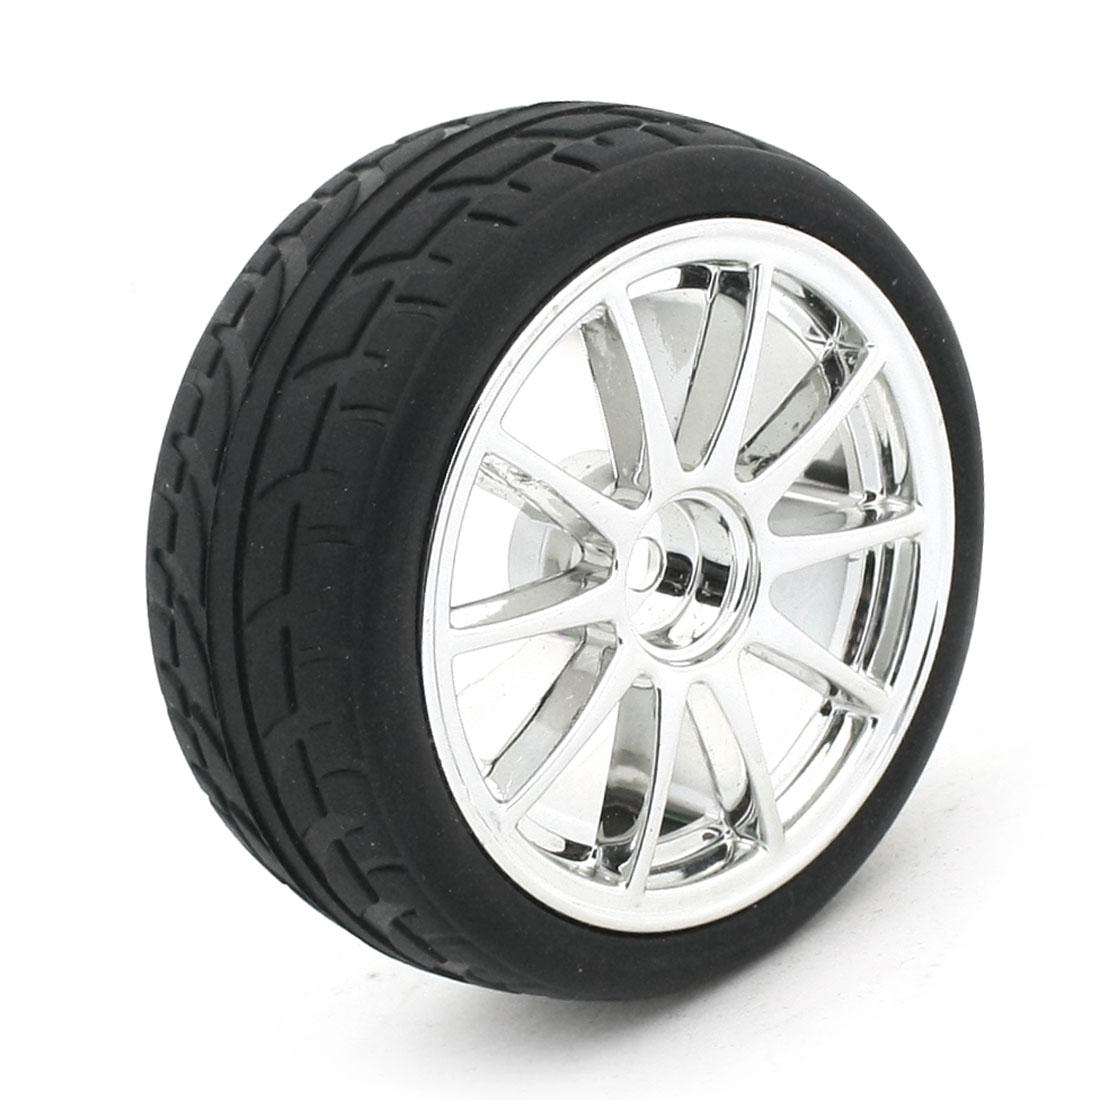 RC Smart Cars Truck Parts 12mm Plastic Hub 1:10 Drift Wheel Tire